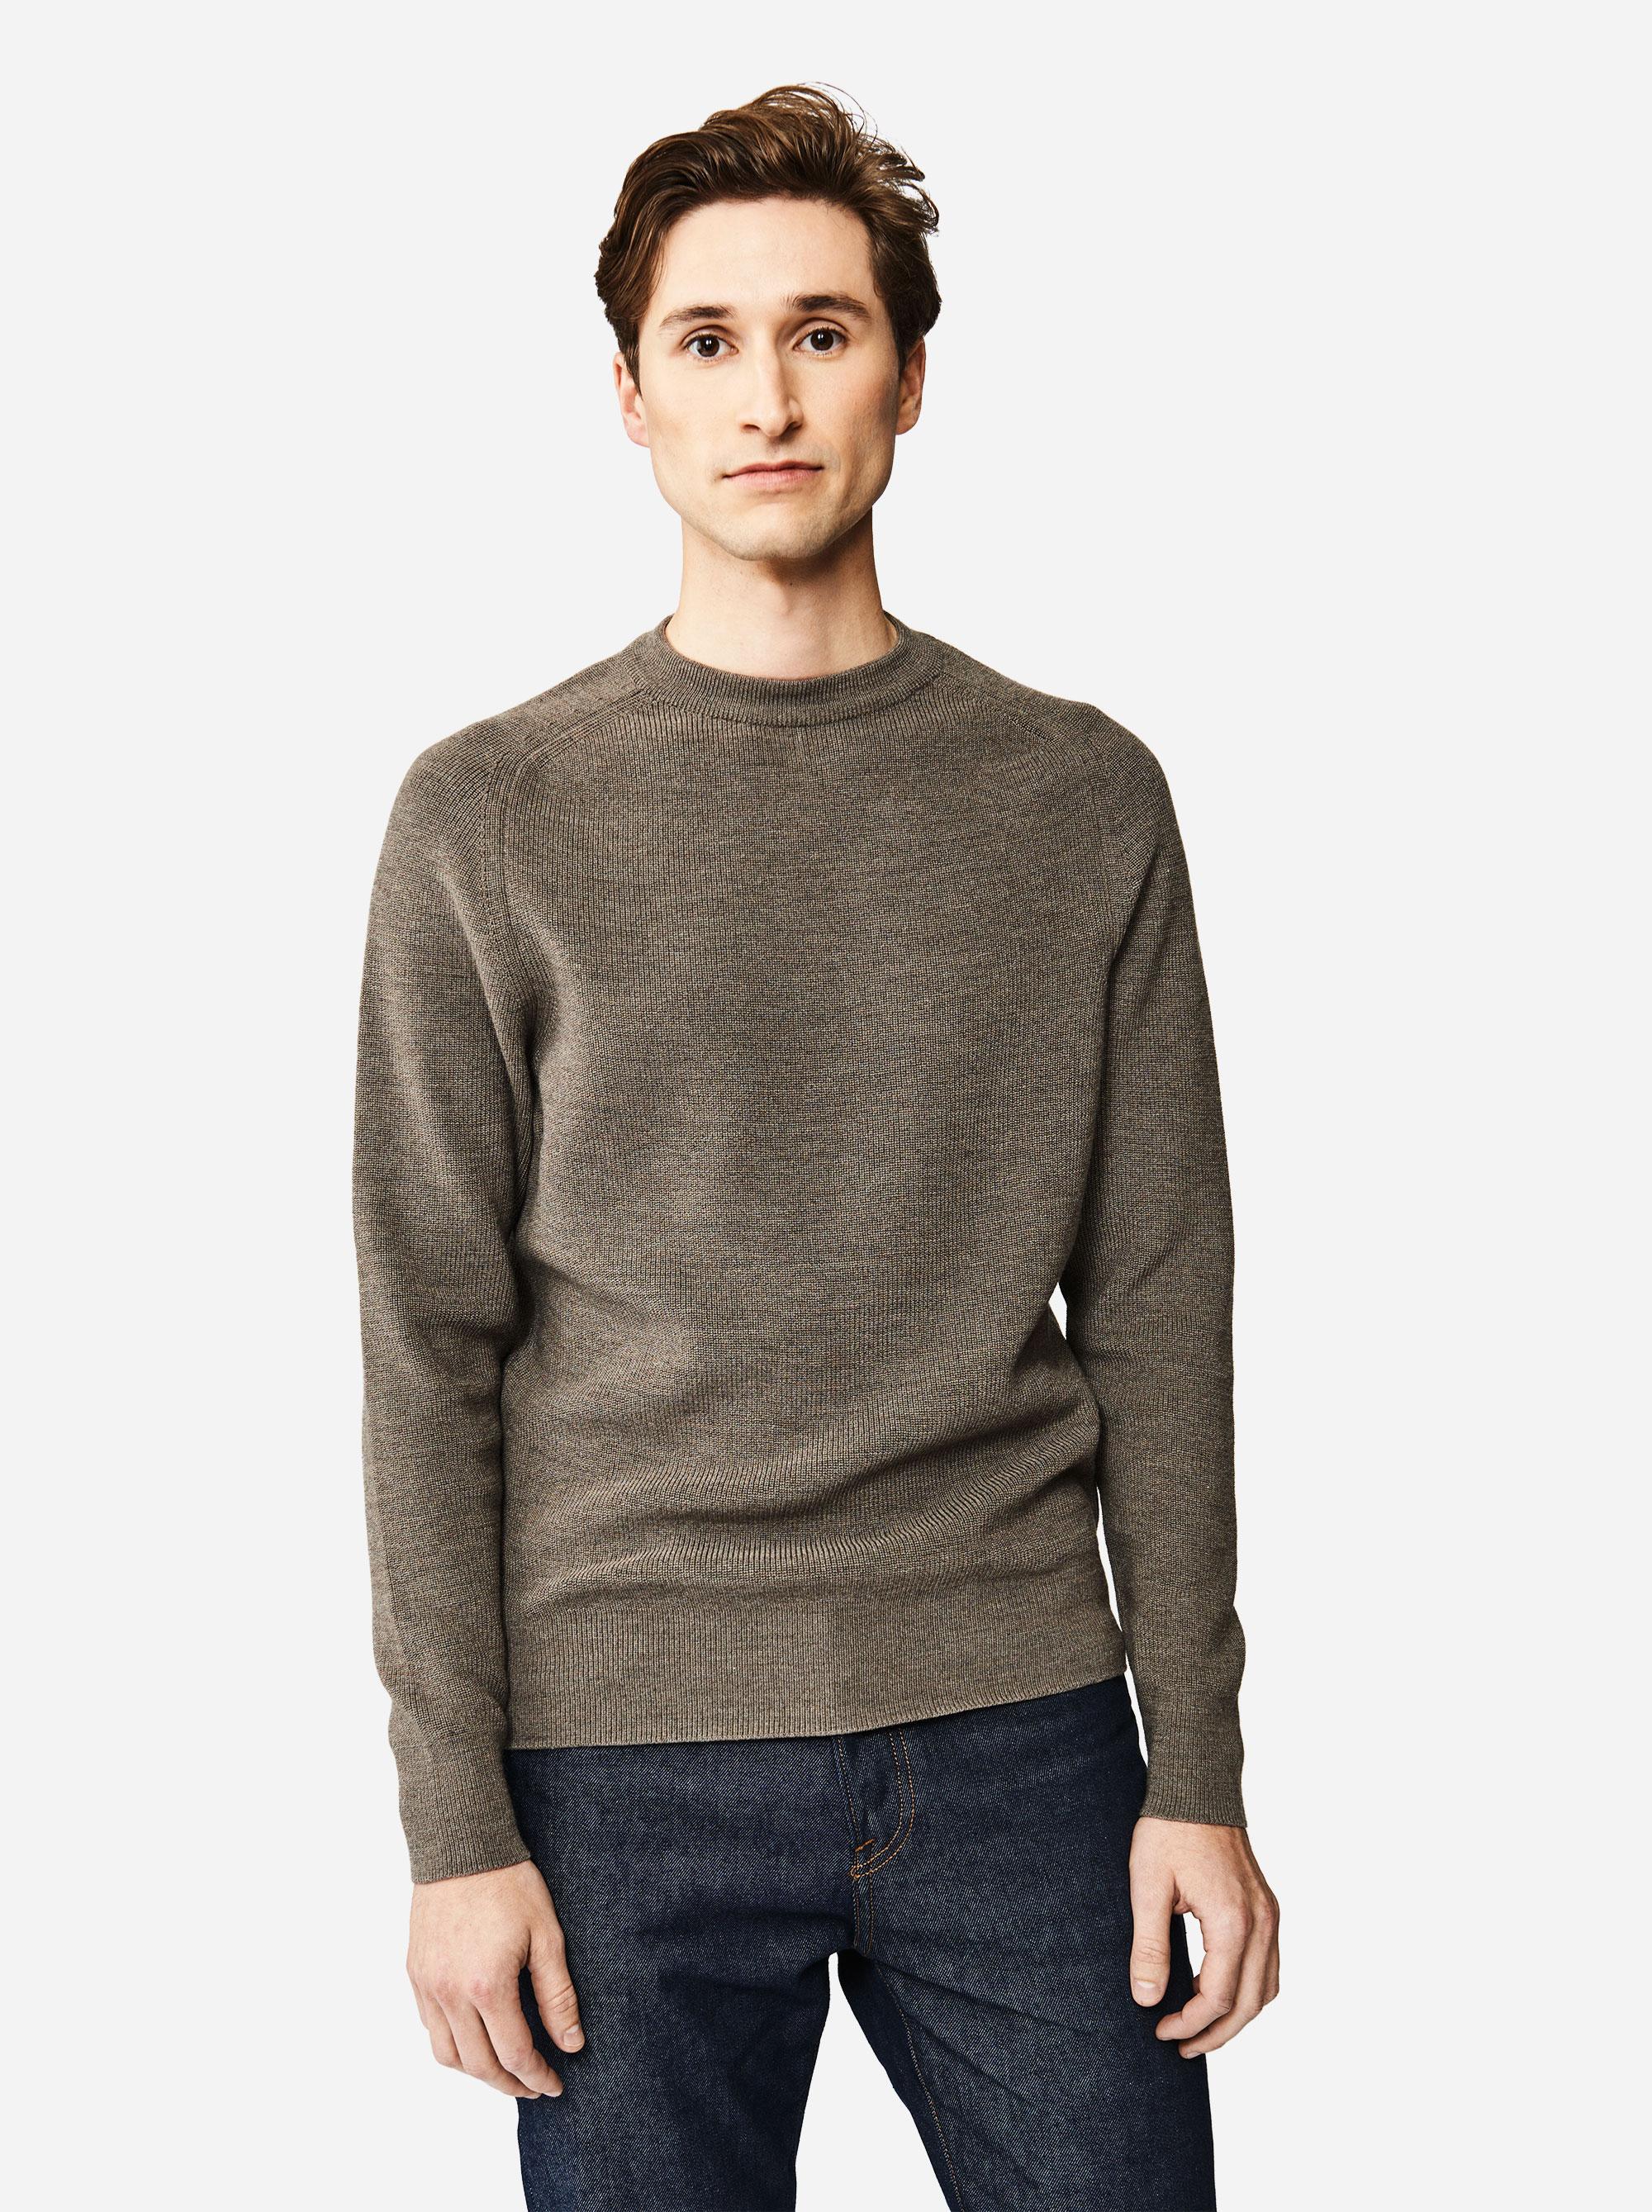 Teym - The Merino Sweater - Men - Grey - 1